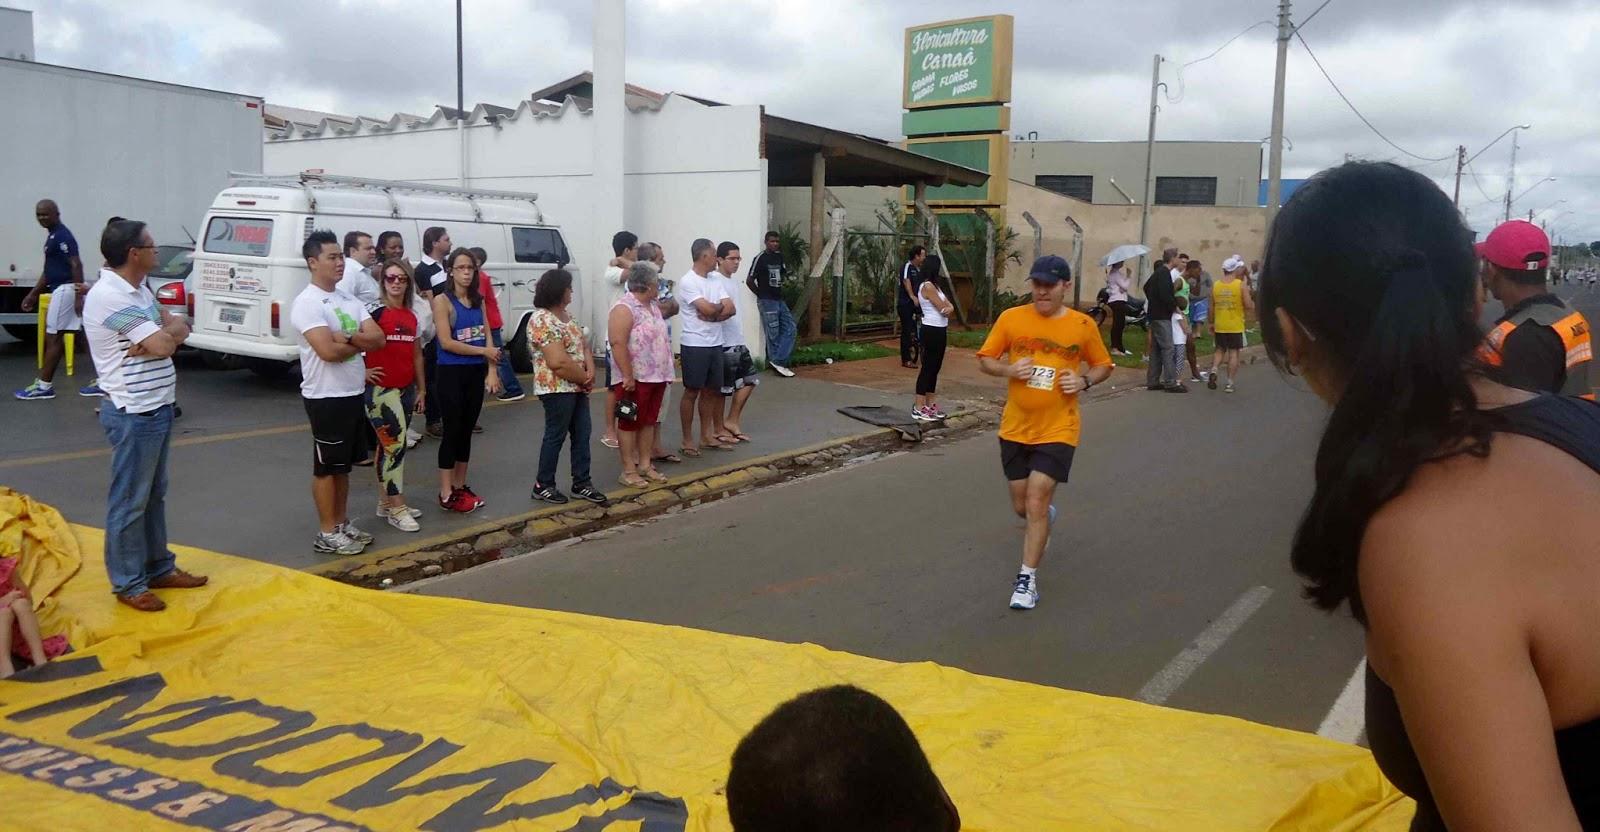 Foto 139 da 1ª Corrida Av. dos Coqueiros em Barretos-SP 14/04/2013 – Atletas cruzando a linha de chegada